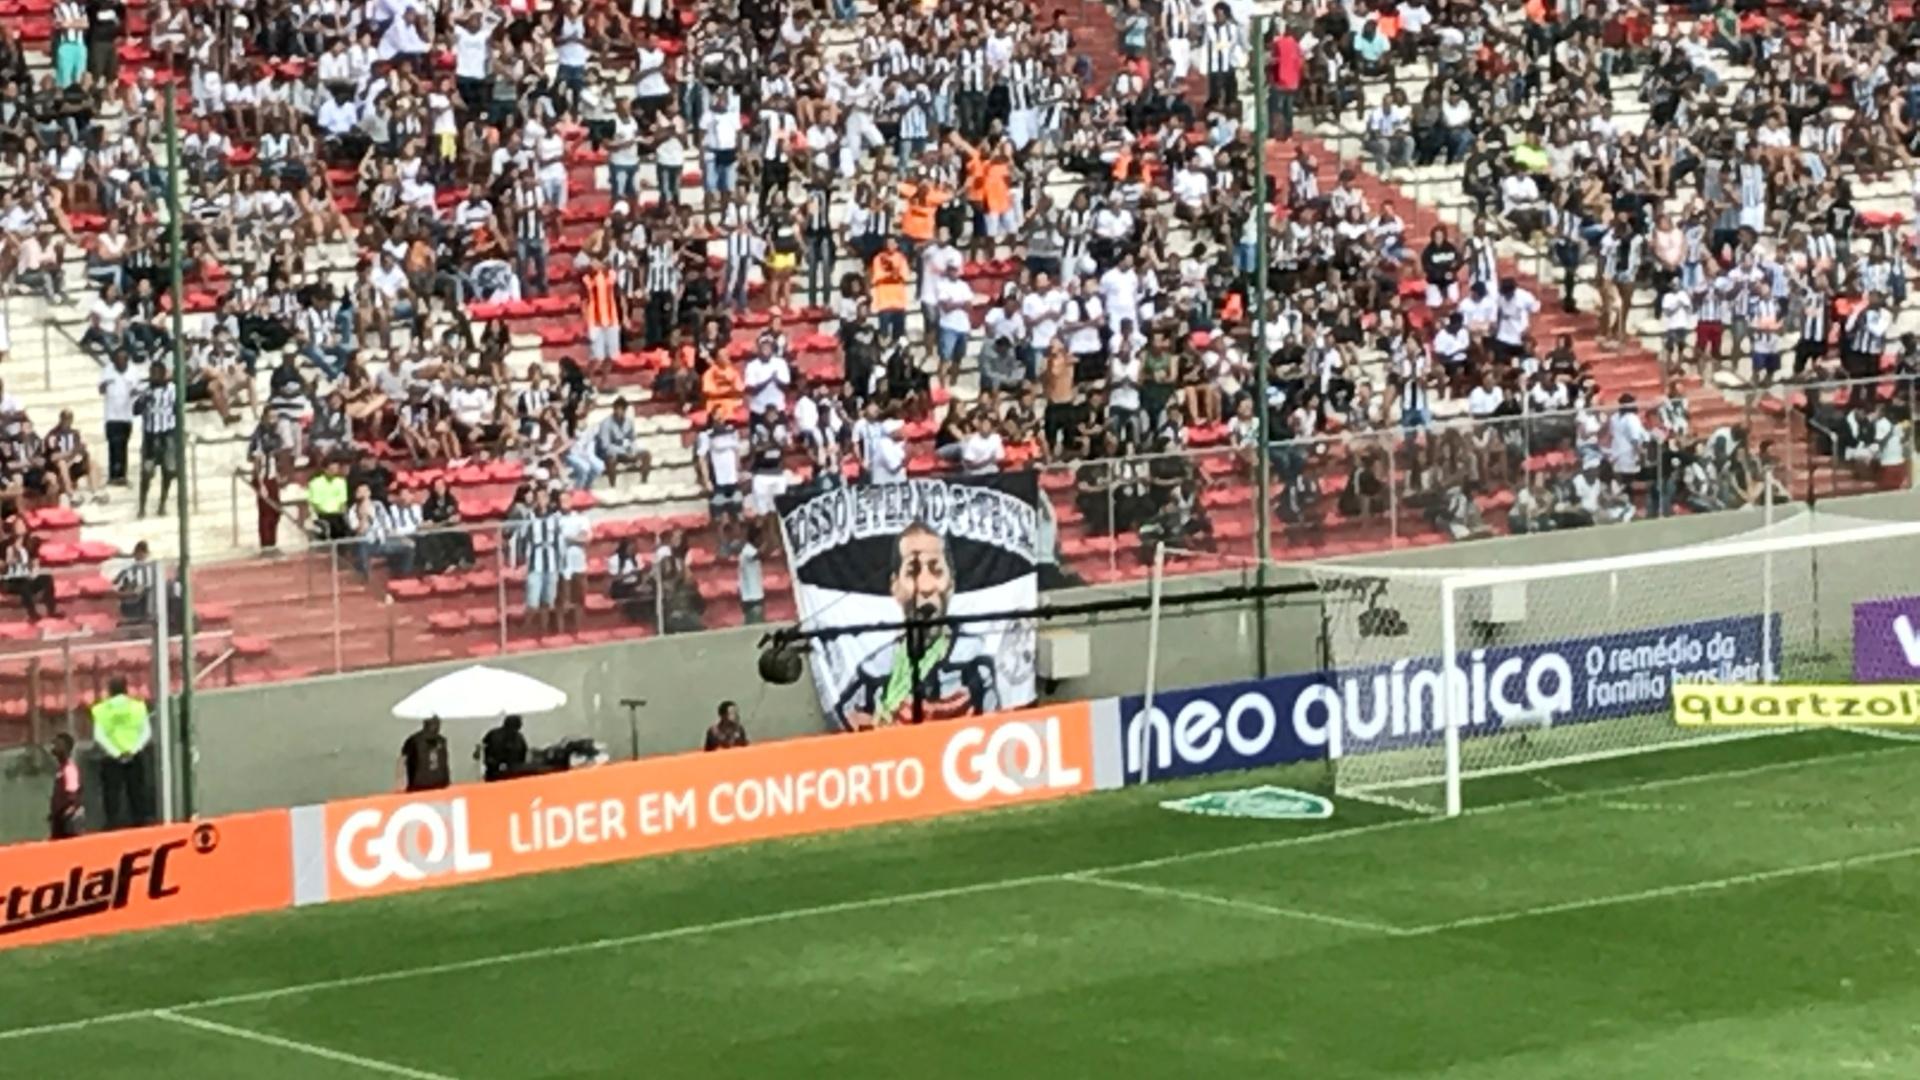 Torcida do Atlético-MG levou bandeira com imagem do volante Pierre, agora no Fluminense